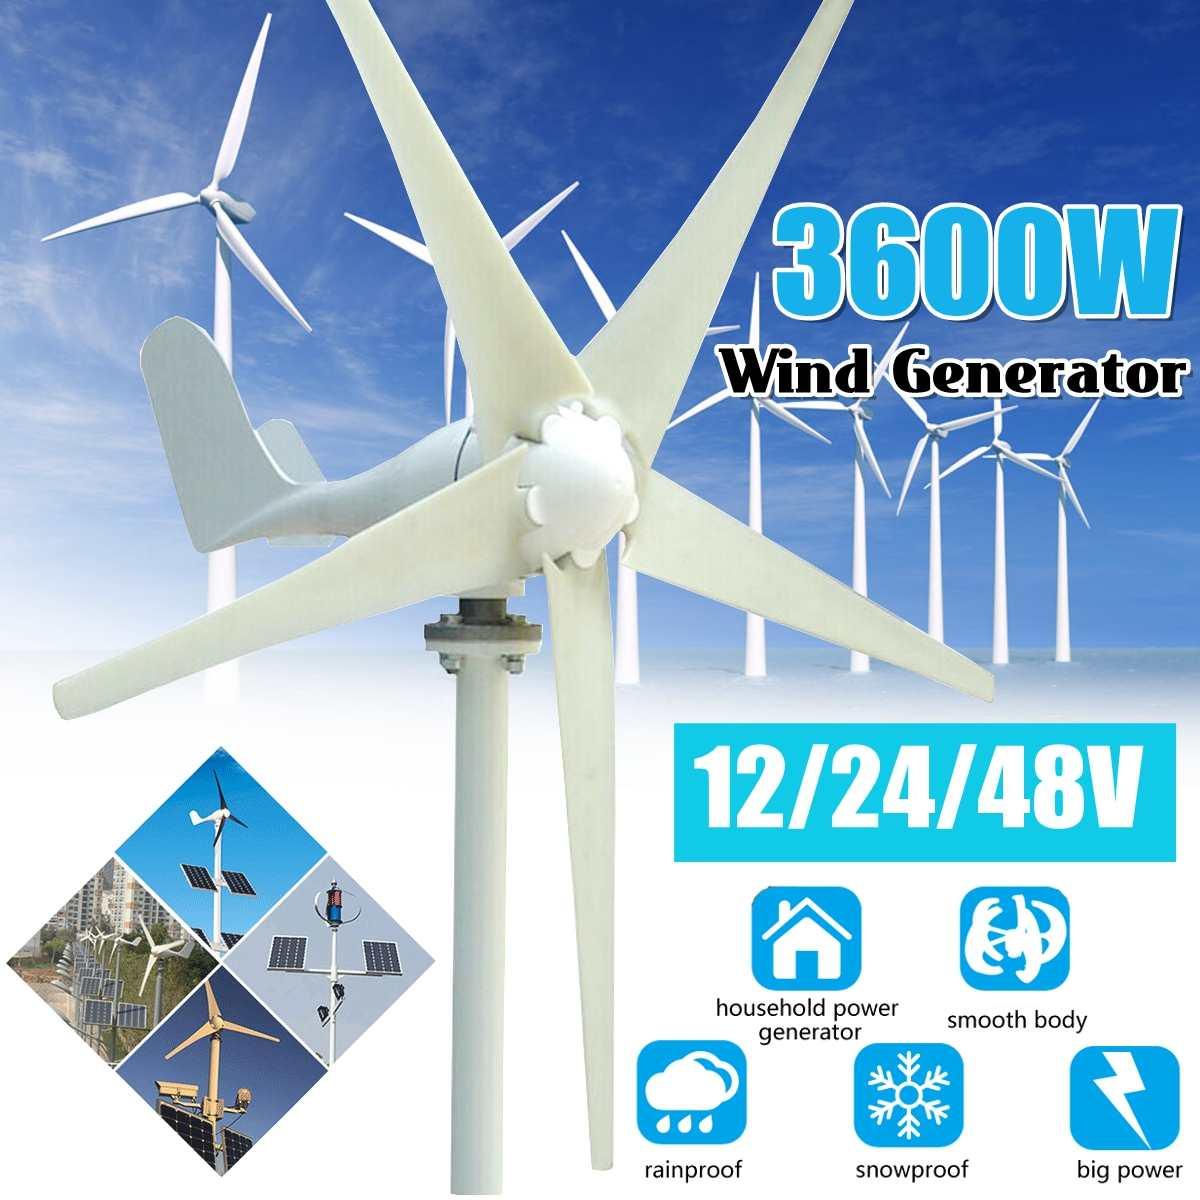 3600W 12/24/48V AC Permanente 5-Lâminas Gerador de Turbina Eólica Gerador De Energia Doméstica w /controlador de Rua Solar